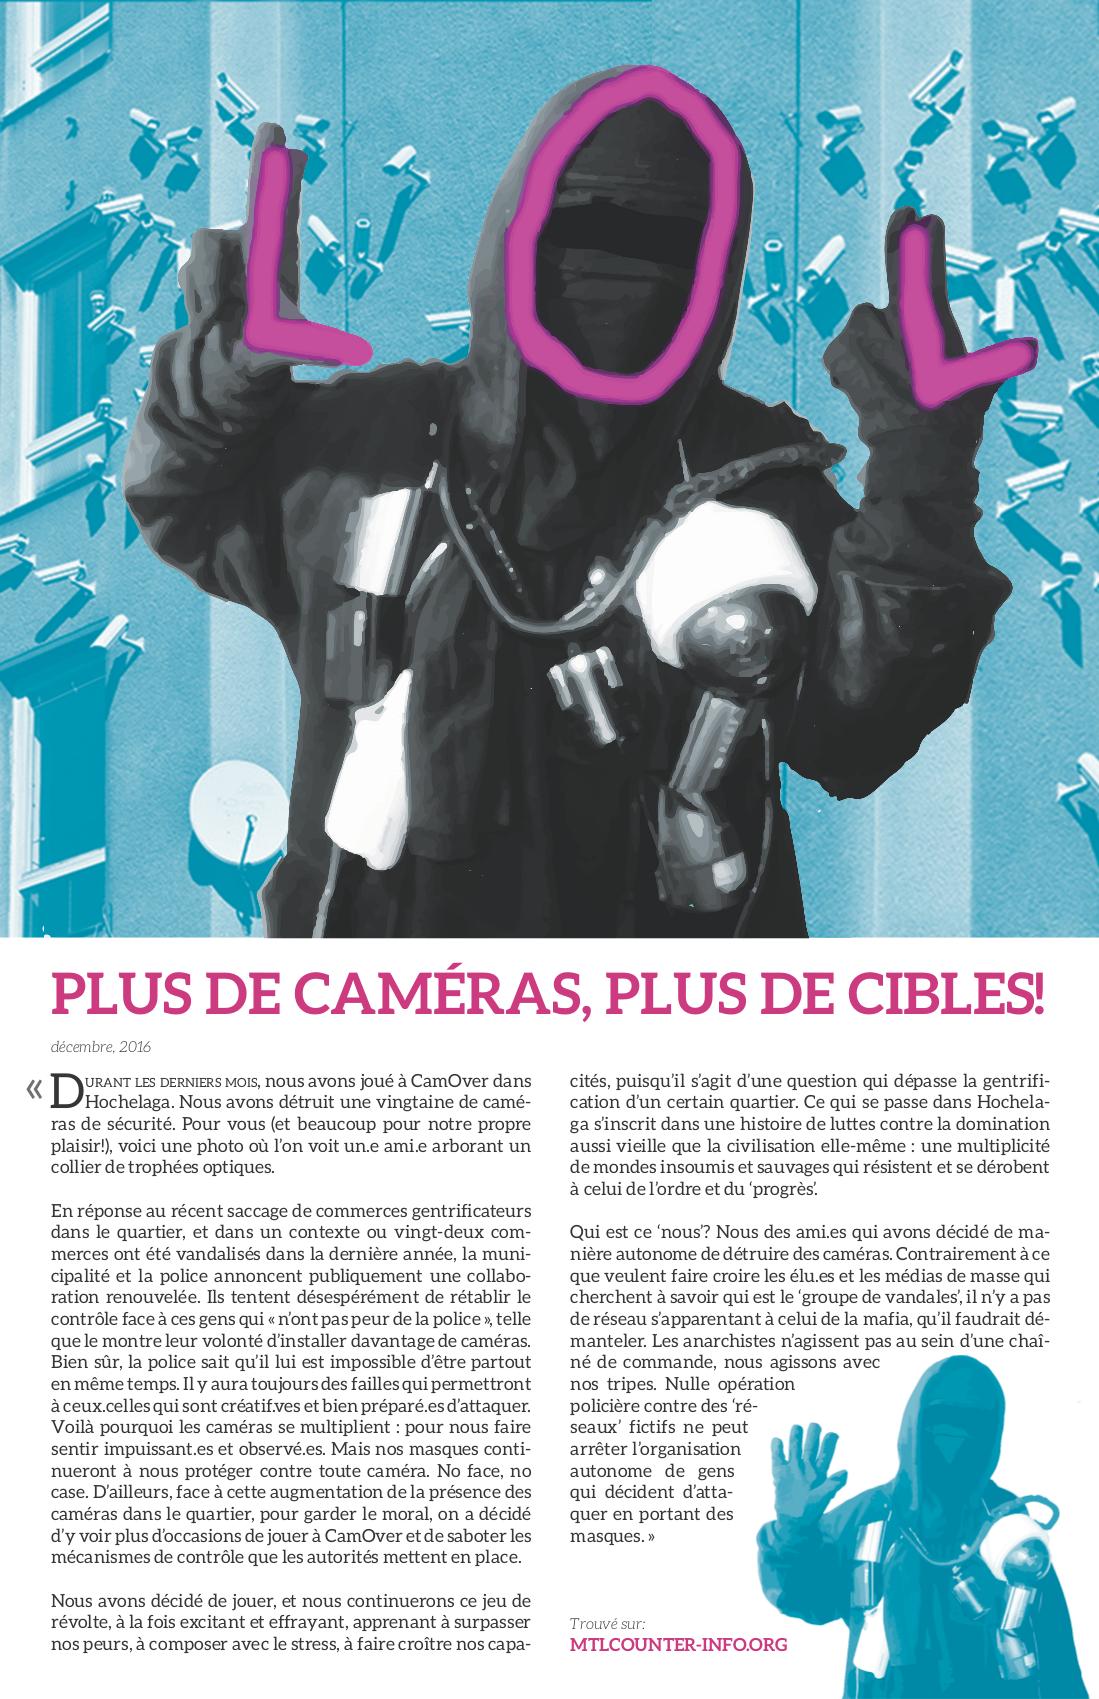 Plus de caméras, plus de cibles!